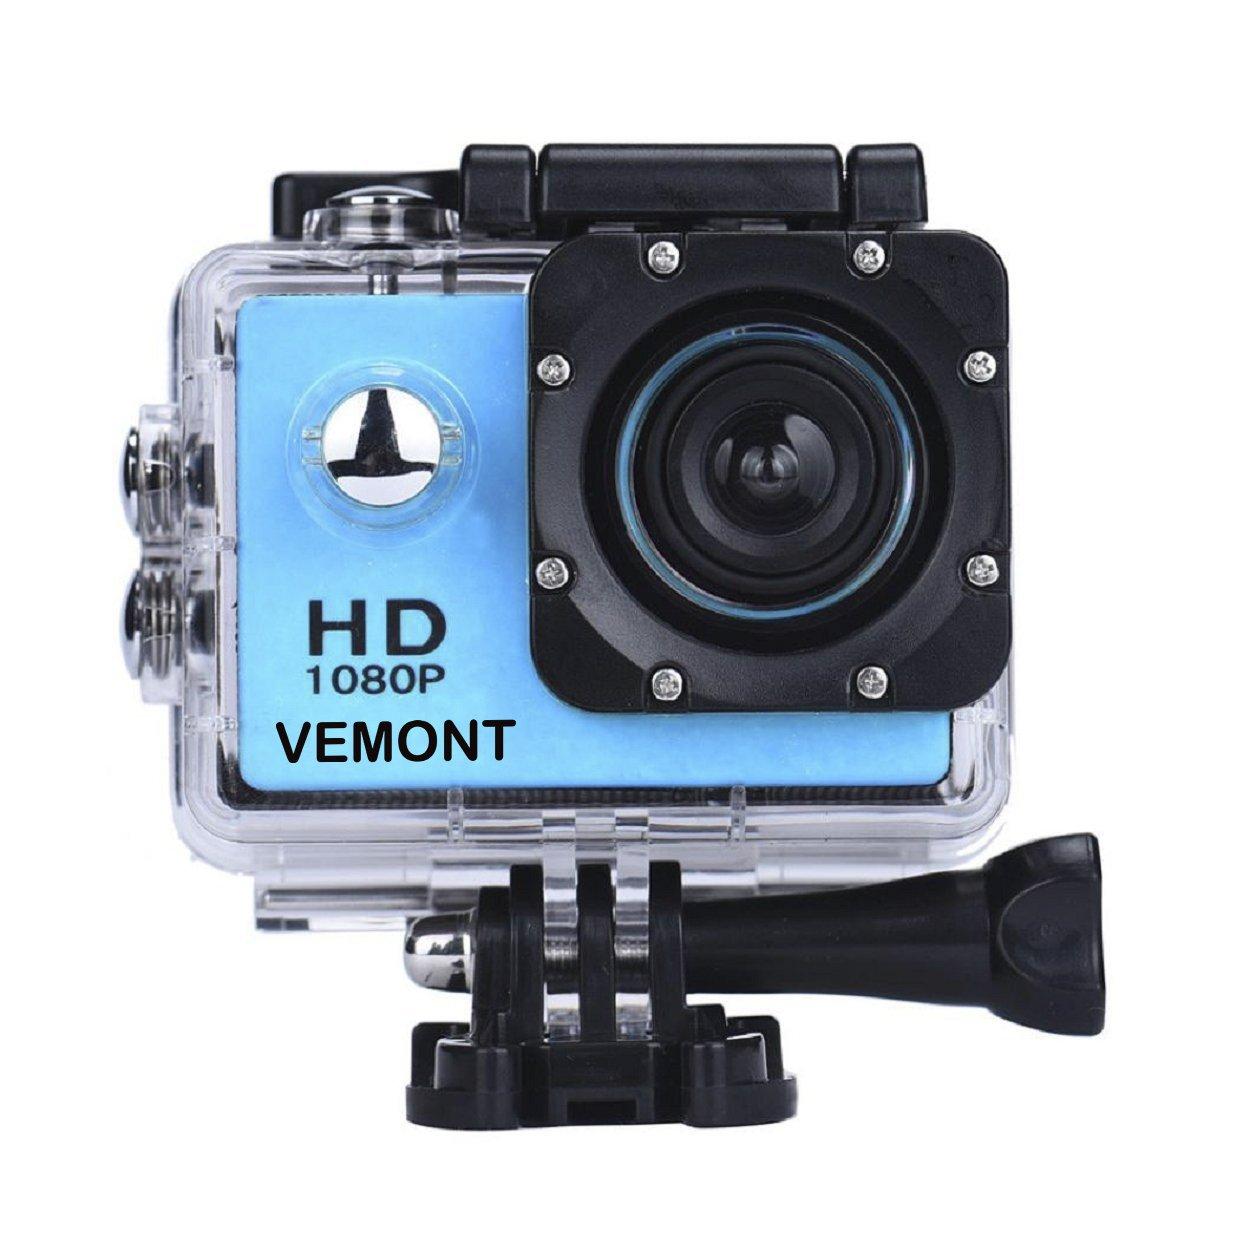 Vemont 1080p 12MP Action Kamera Full HD 2, 0 Zoll Bildschirm 30m/98 Fuß Wasserdichte Sports Kamera mit Zubehör Kits für Fahrrad Motorrad Tauchen Schwimmen usw (Schwarz)